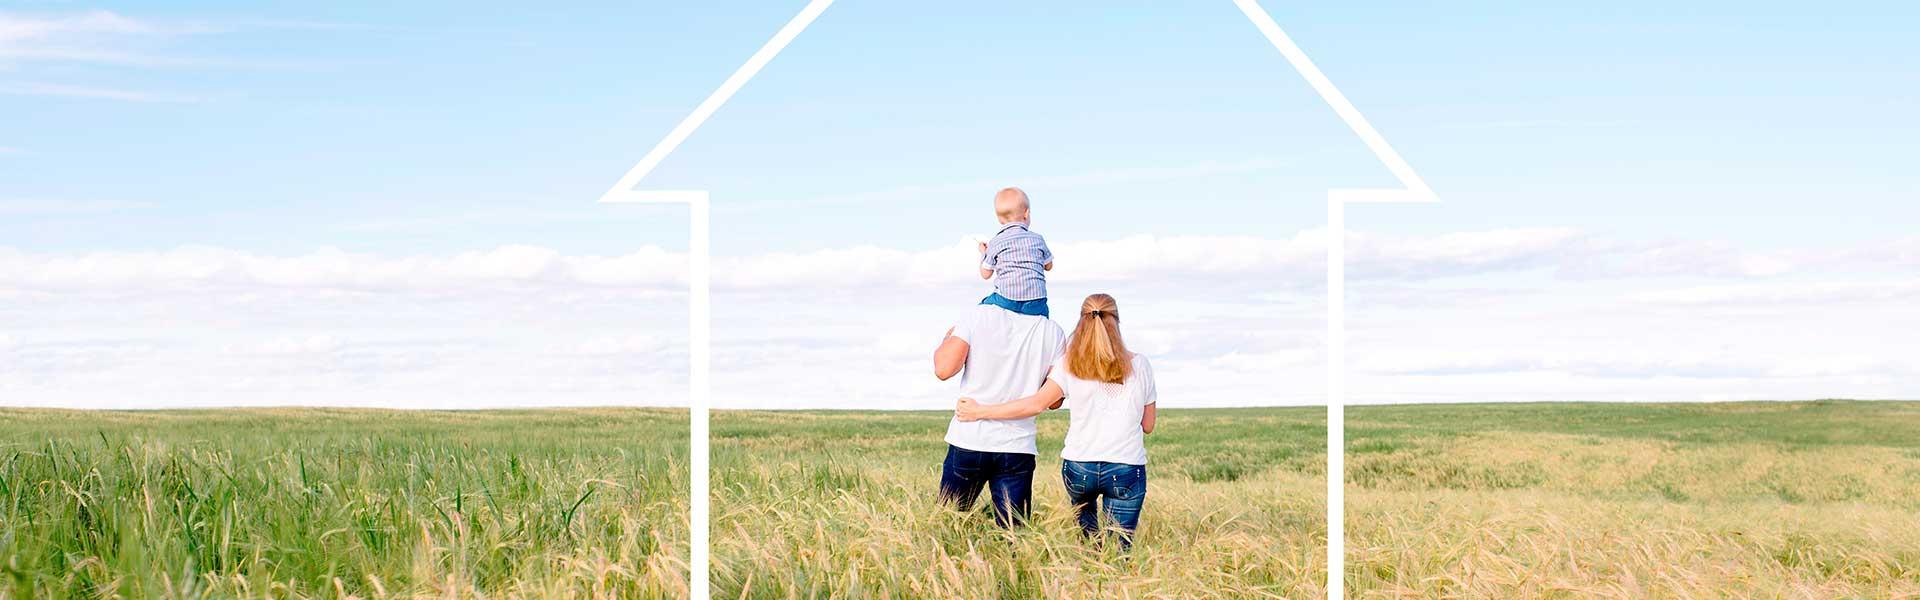 Familie auf einem Feld